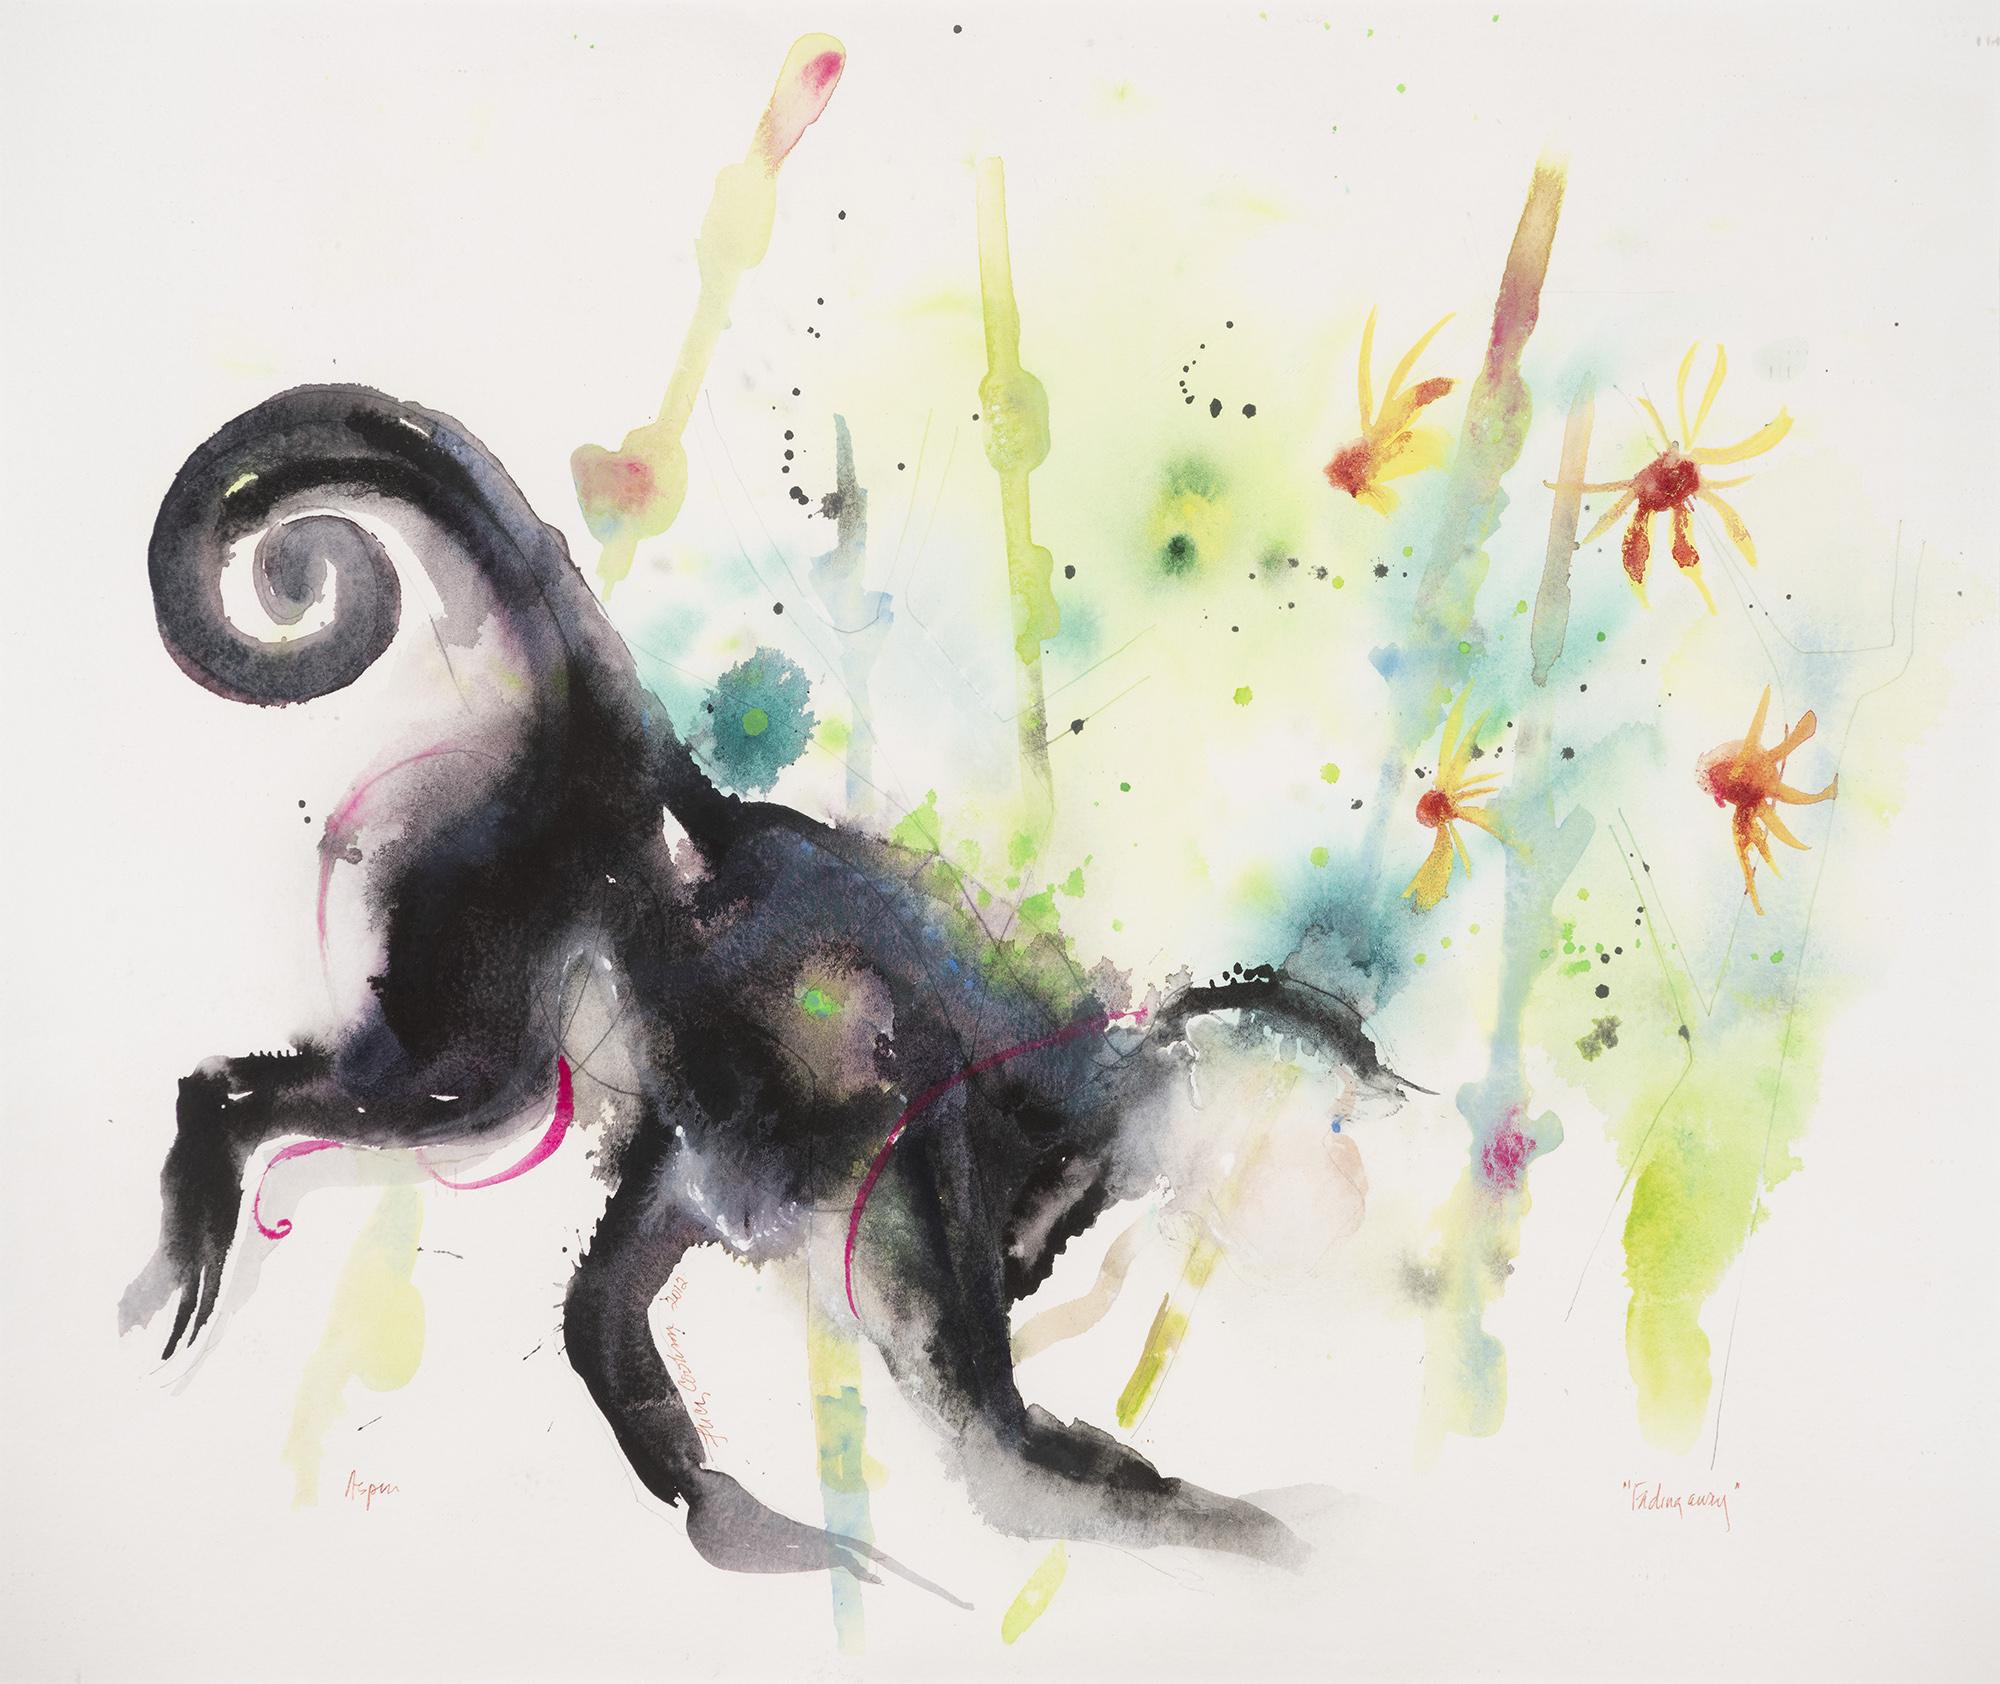 Monkey, 2010, Watercolor on paper, 20 x 25 in.